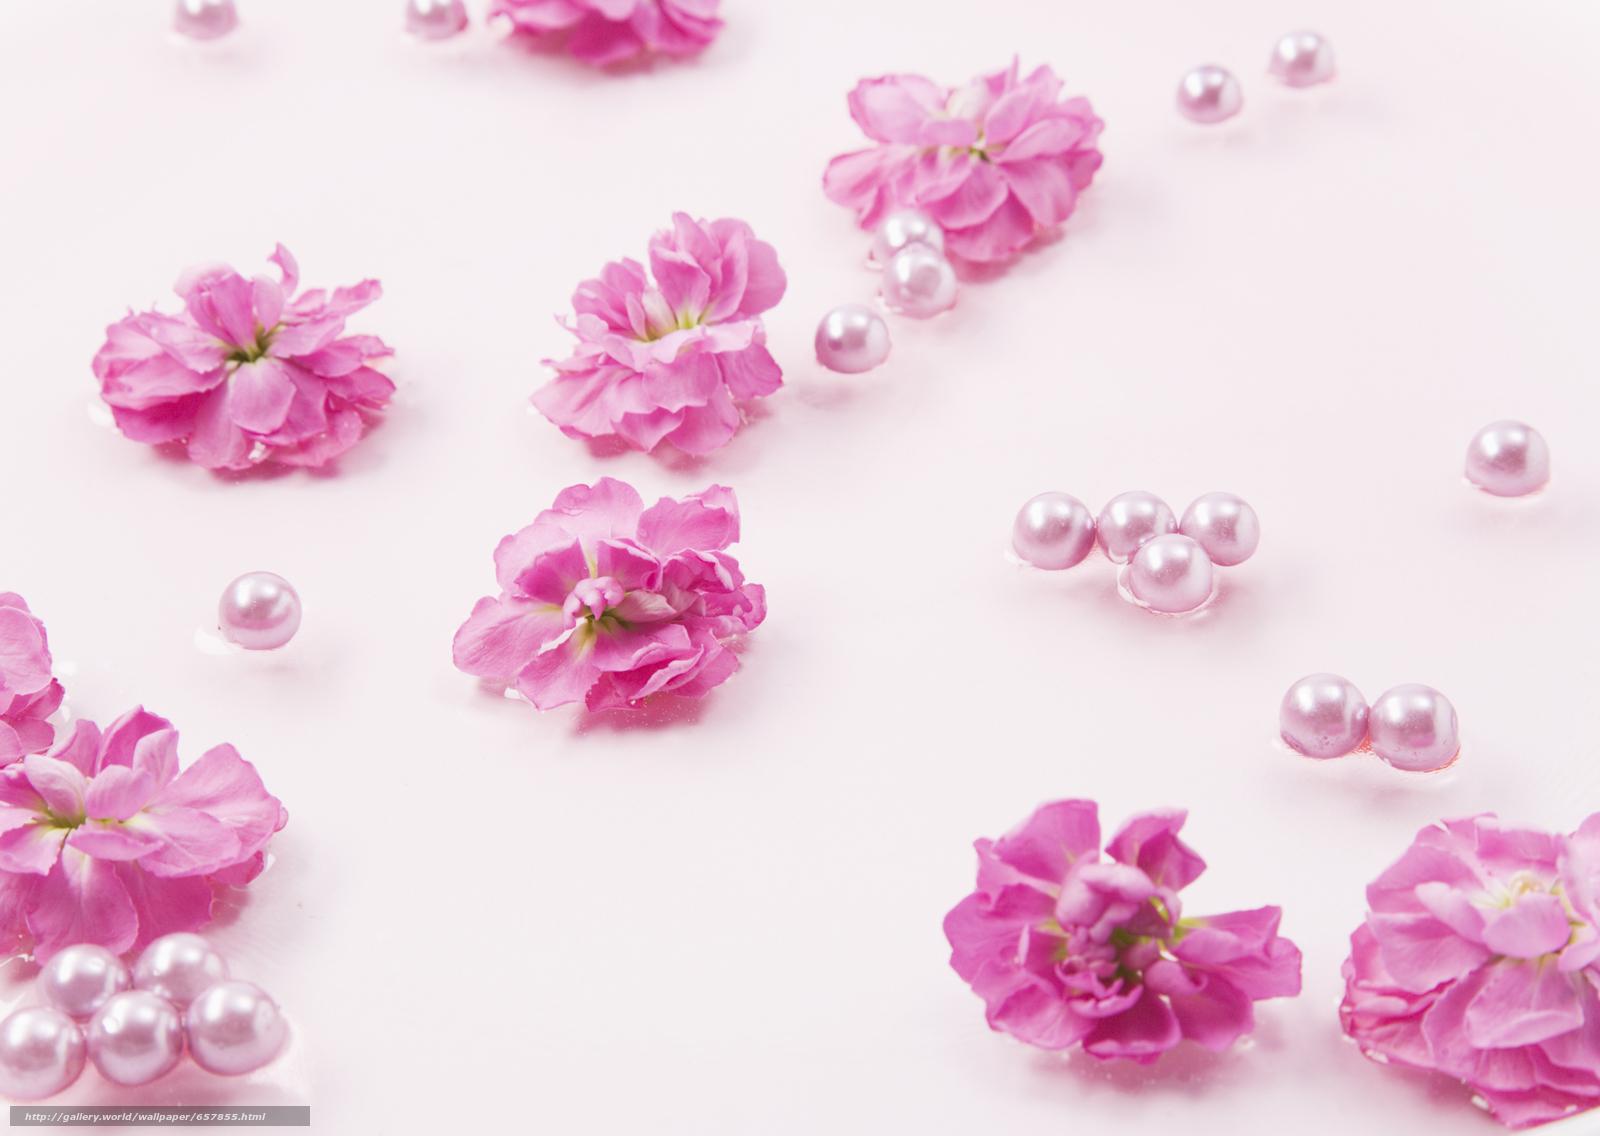 Скачать обои цветы,  бусины,  композиция,  праздник бесплатно для рабочего стола в разрешении 2950x2094 — картинка №657855